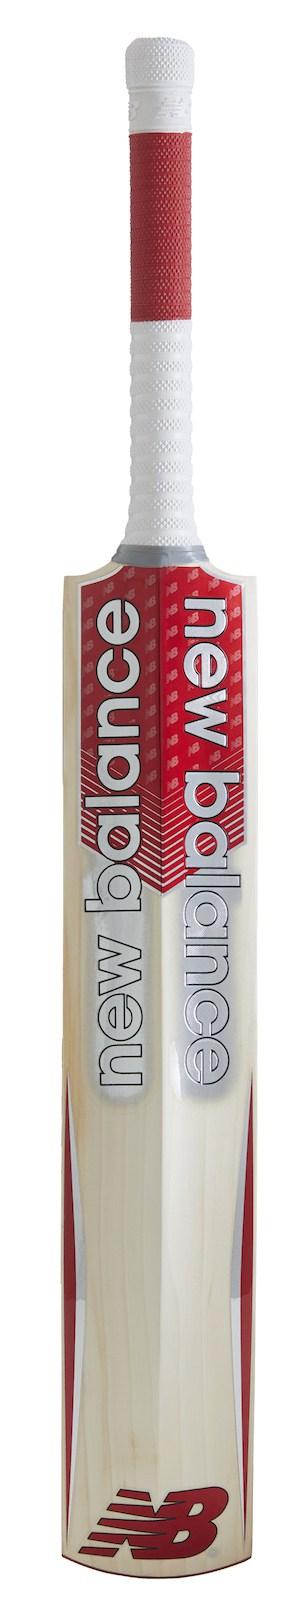 NB TC560 Cricket bat